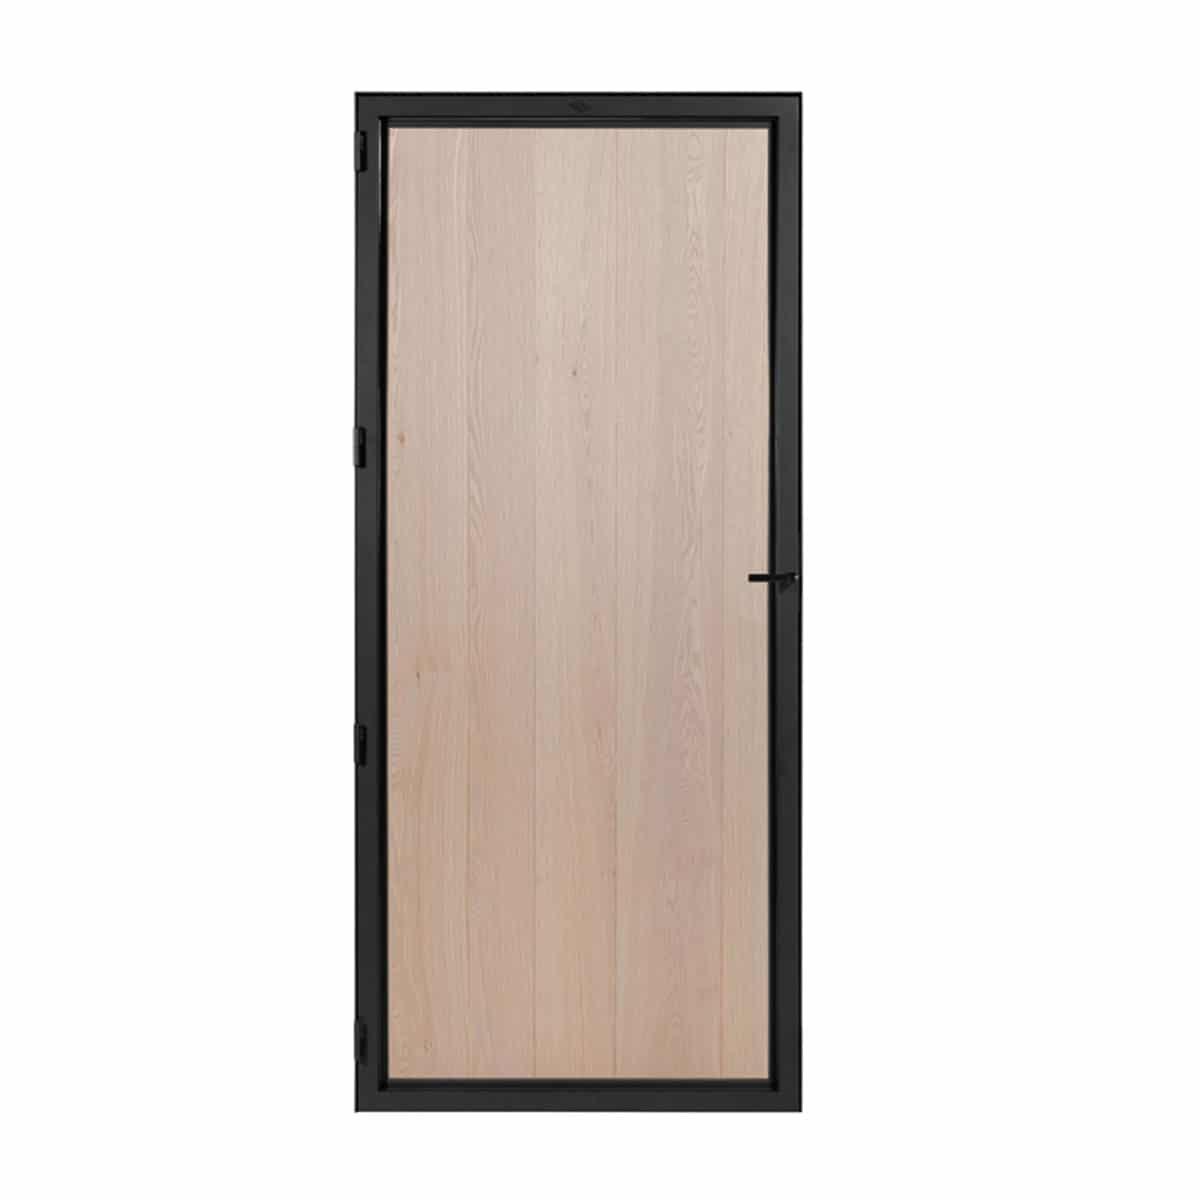 Steelit wood oak door